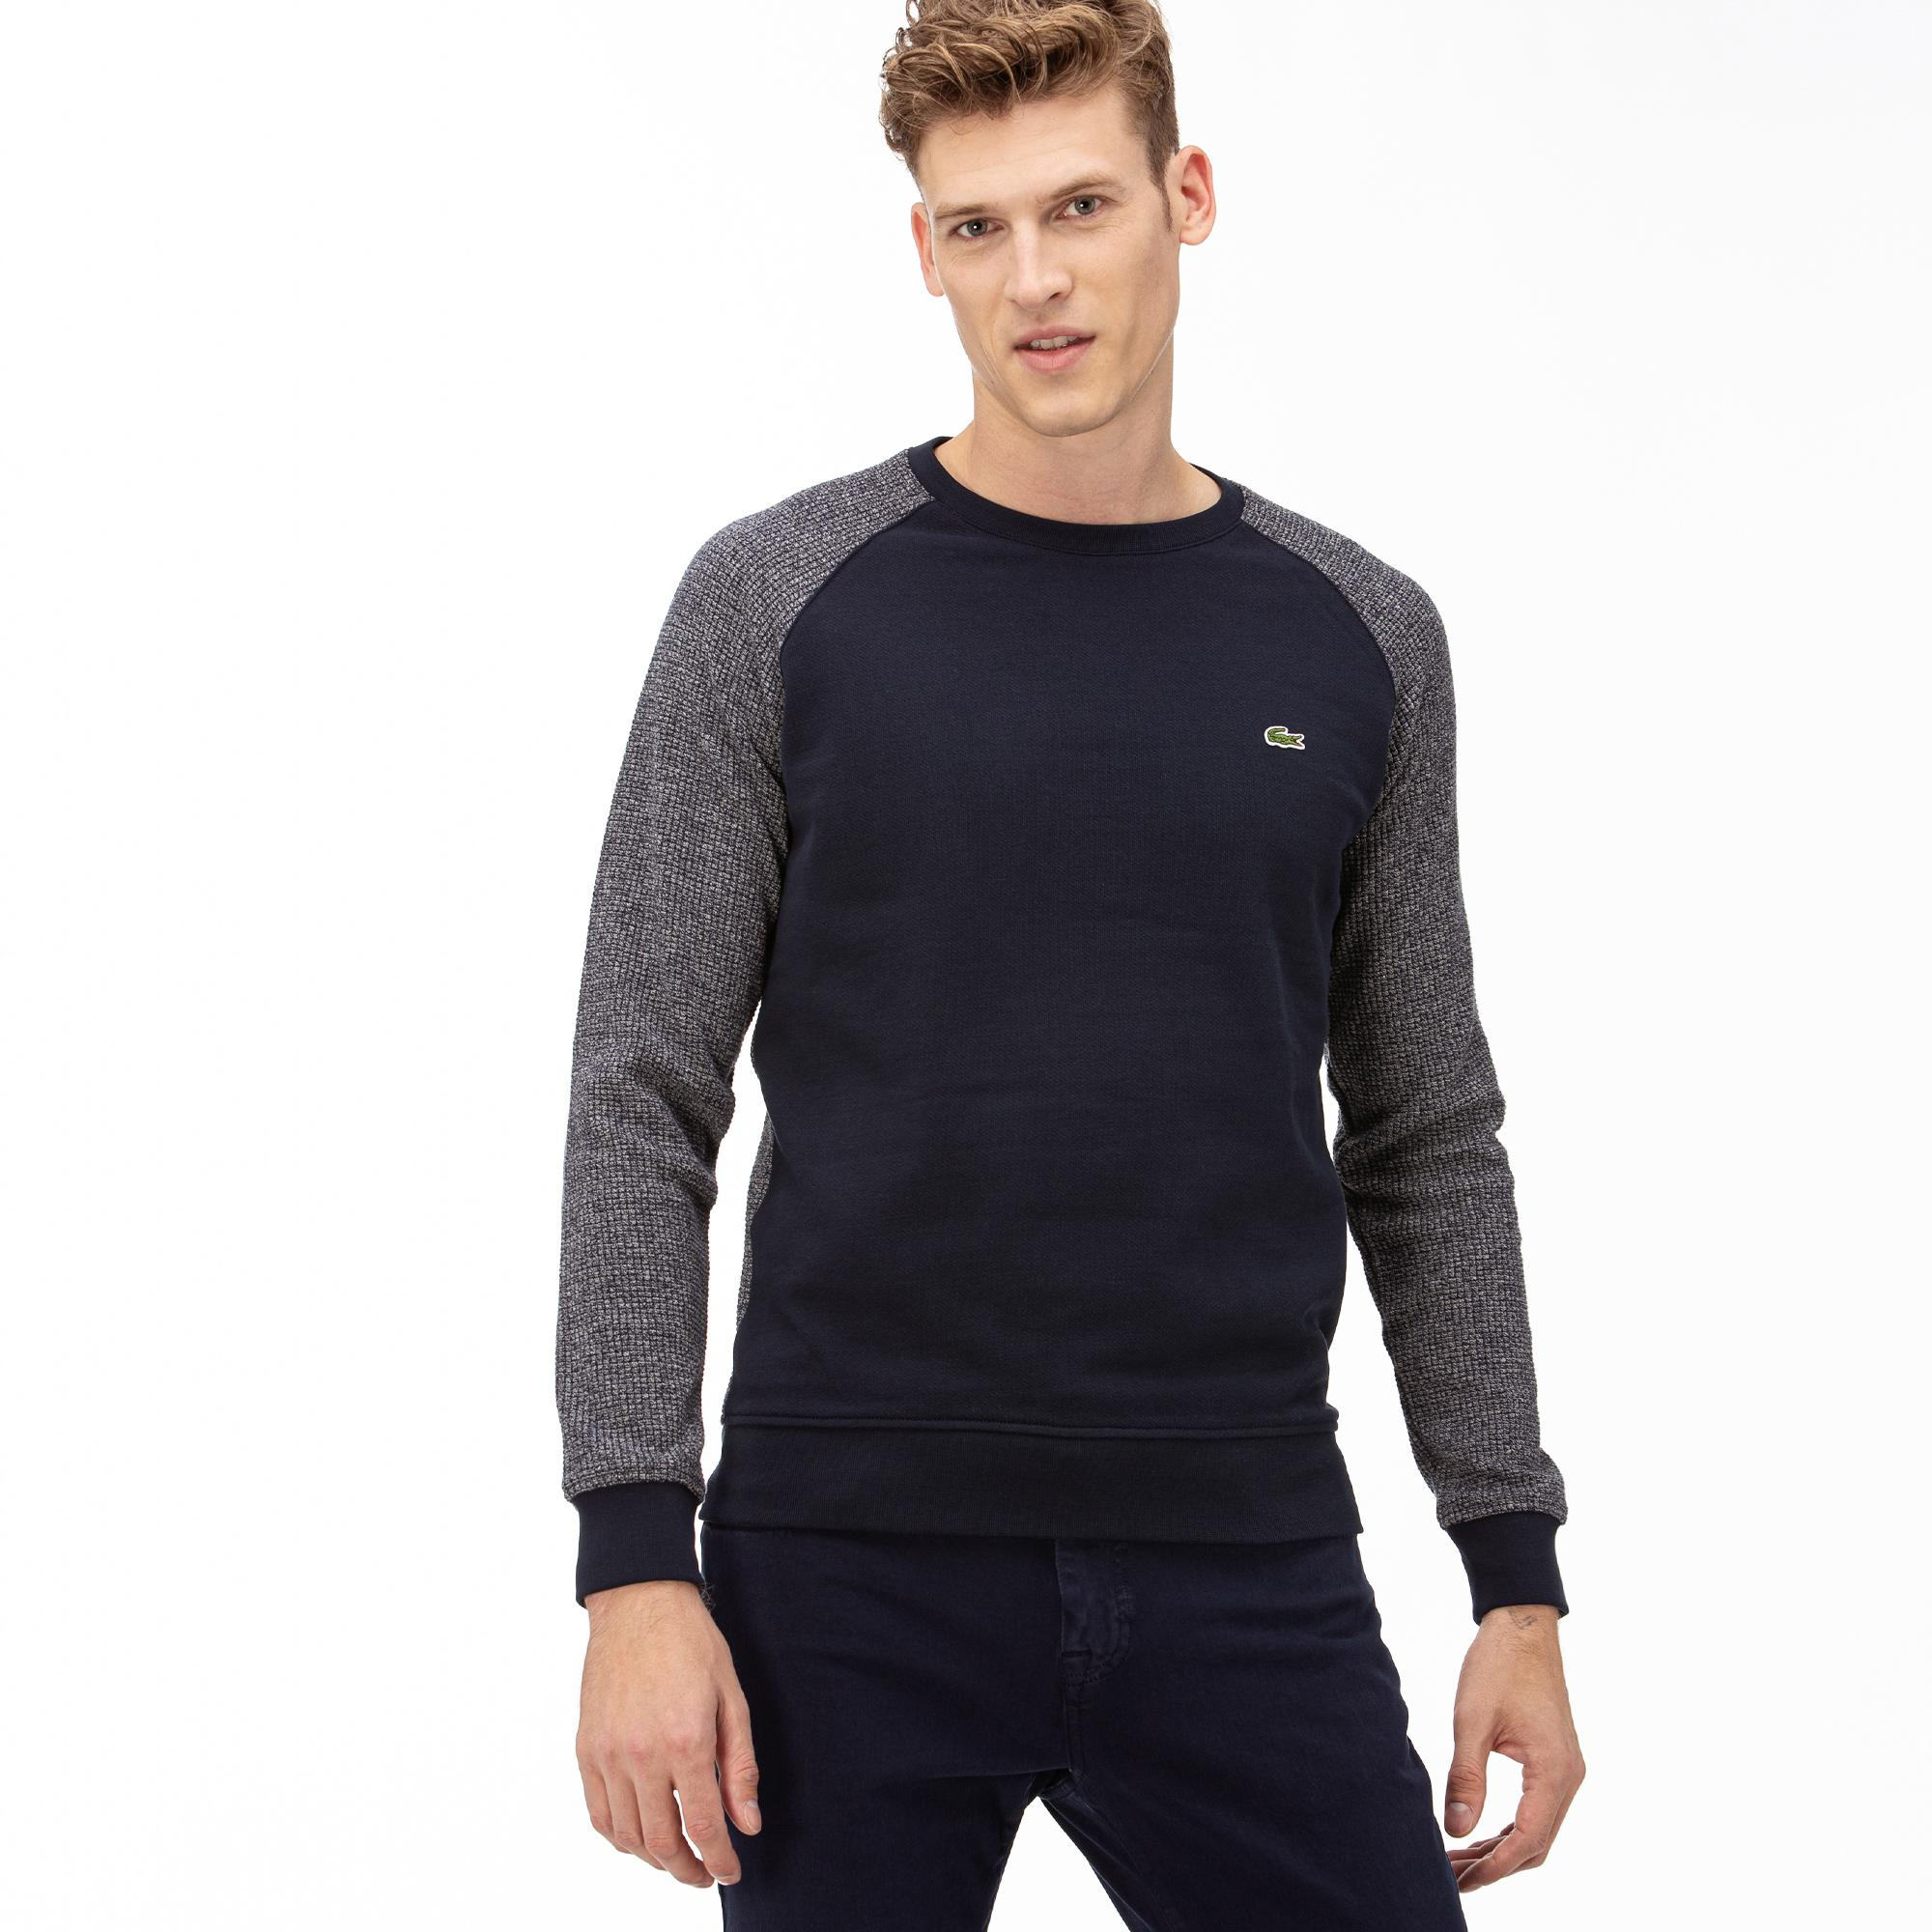 Lacoste Men's T-Shirt